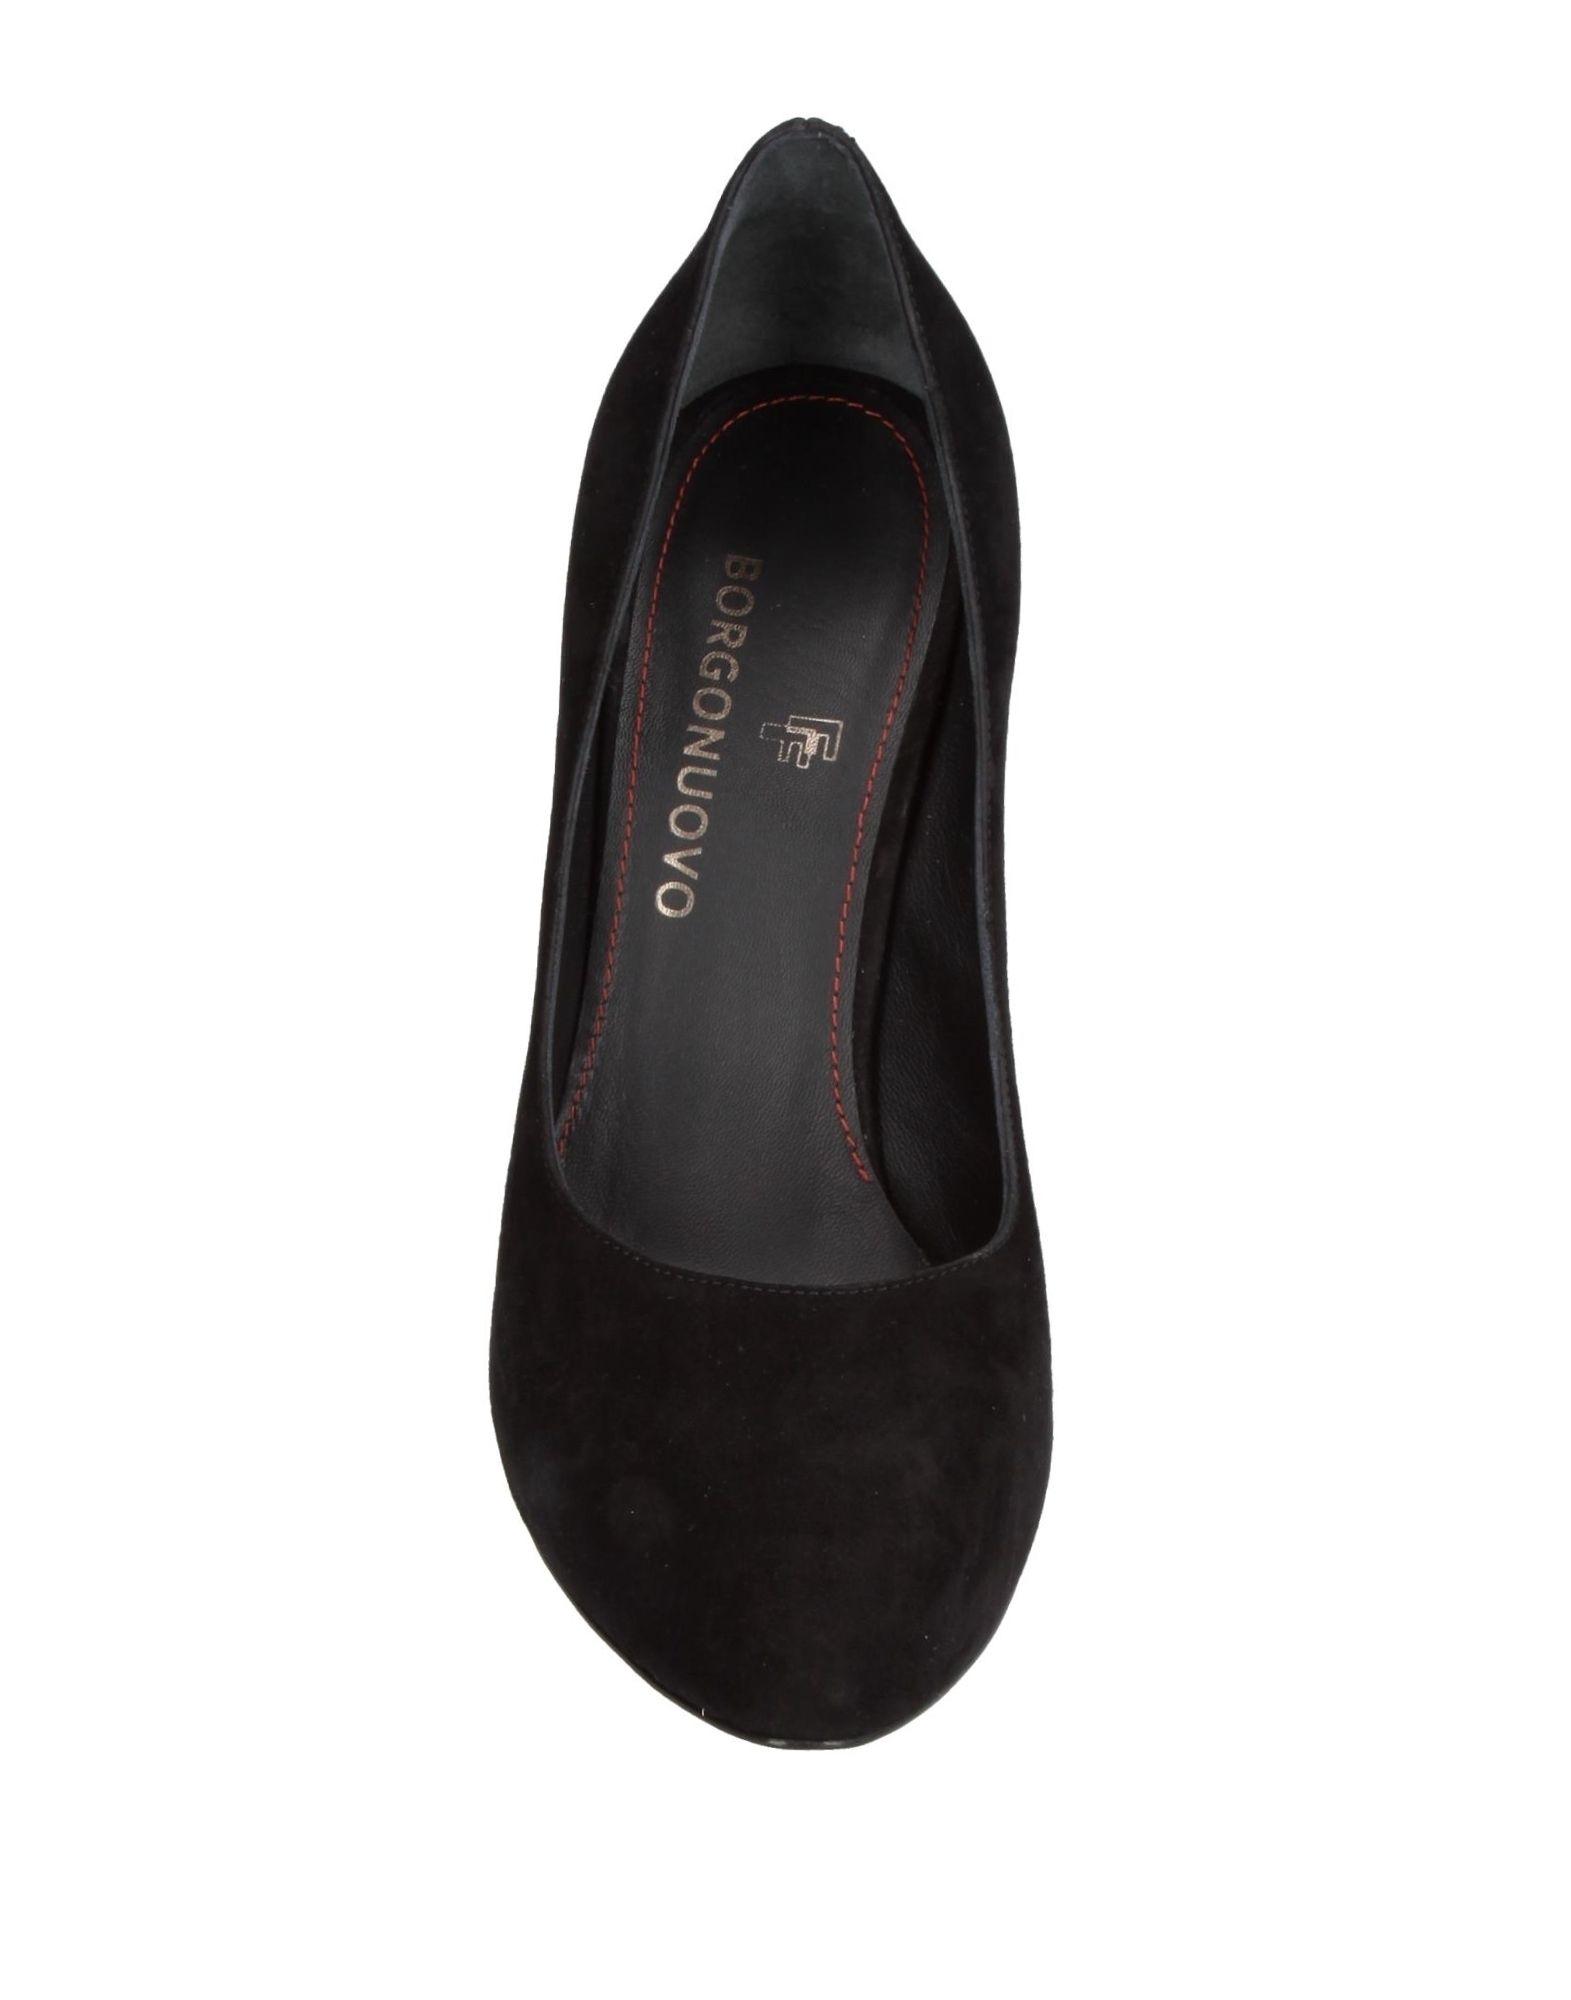 Gut um Pumps billige Schuhe zu tragenBorgonuovo Pumps um Damen  11211771AS 0d92e8